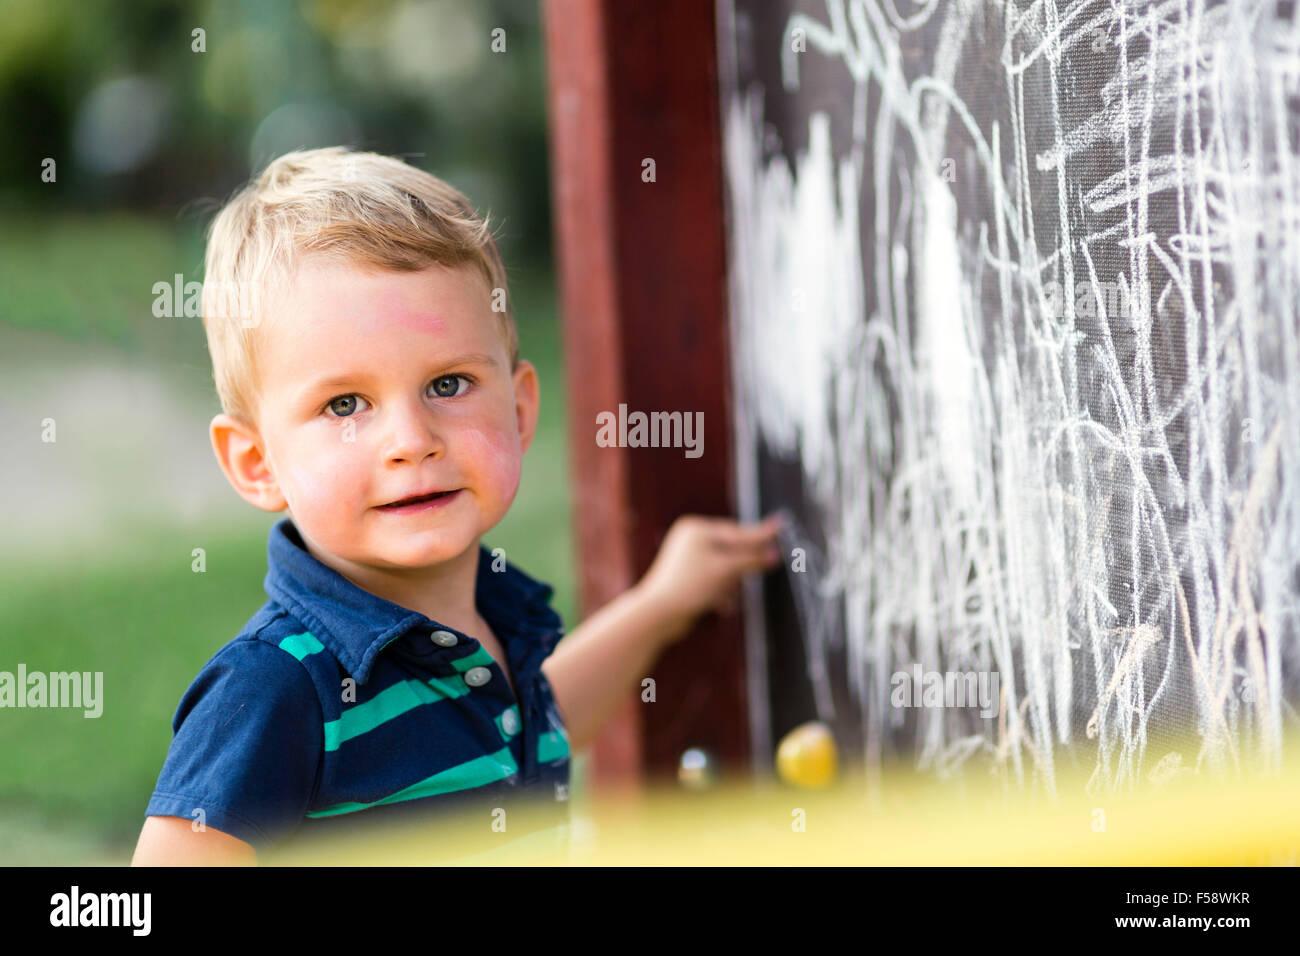 Creative toddler carino il disegno con chalk all'aperto Immagini Stock